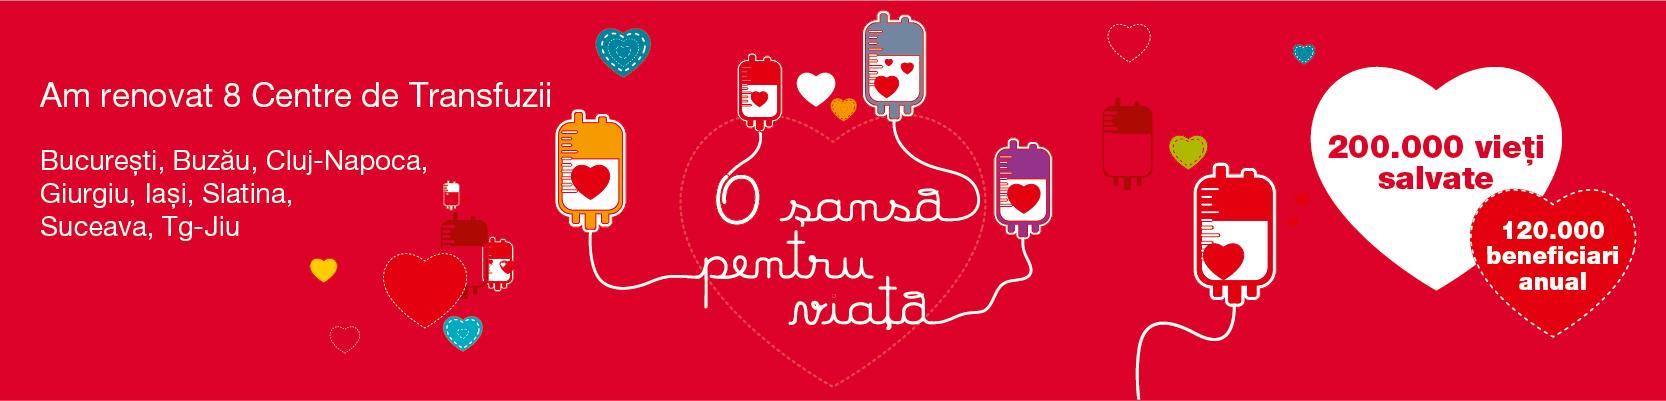 Opt centre de transfuzie sanguină, renovate printr-o investiţie de 348.530 euro